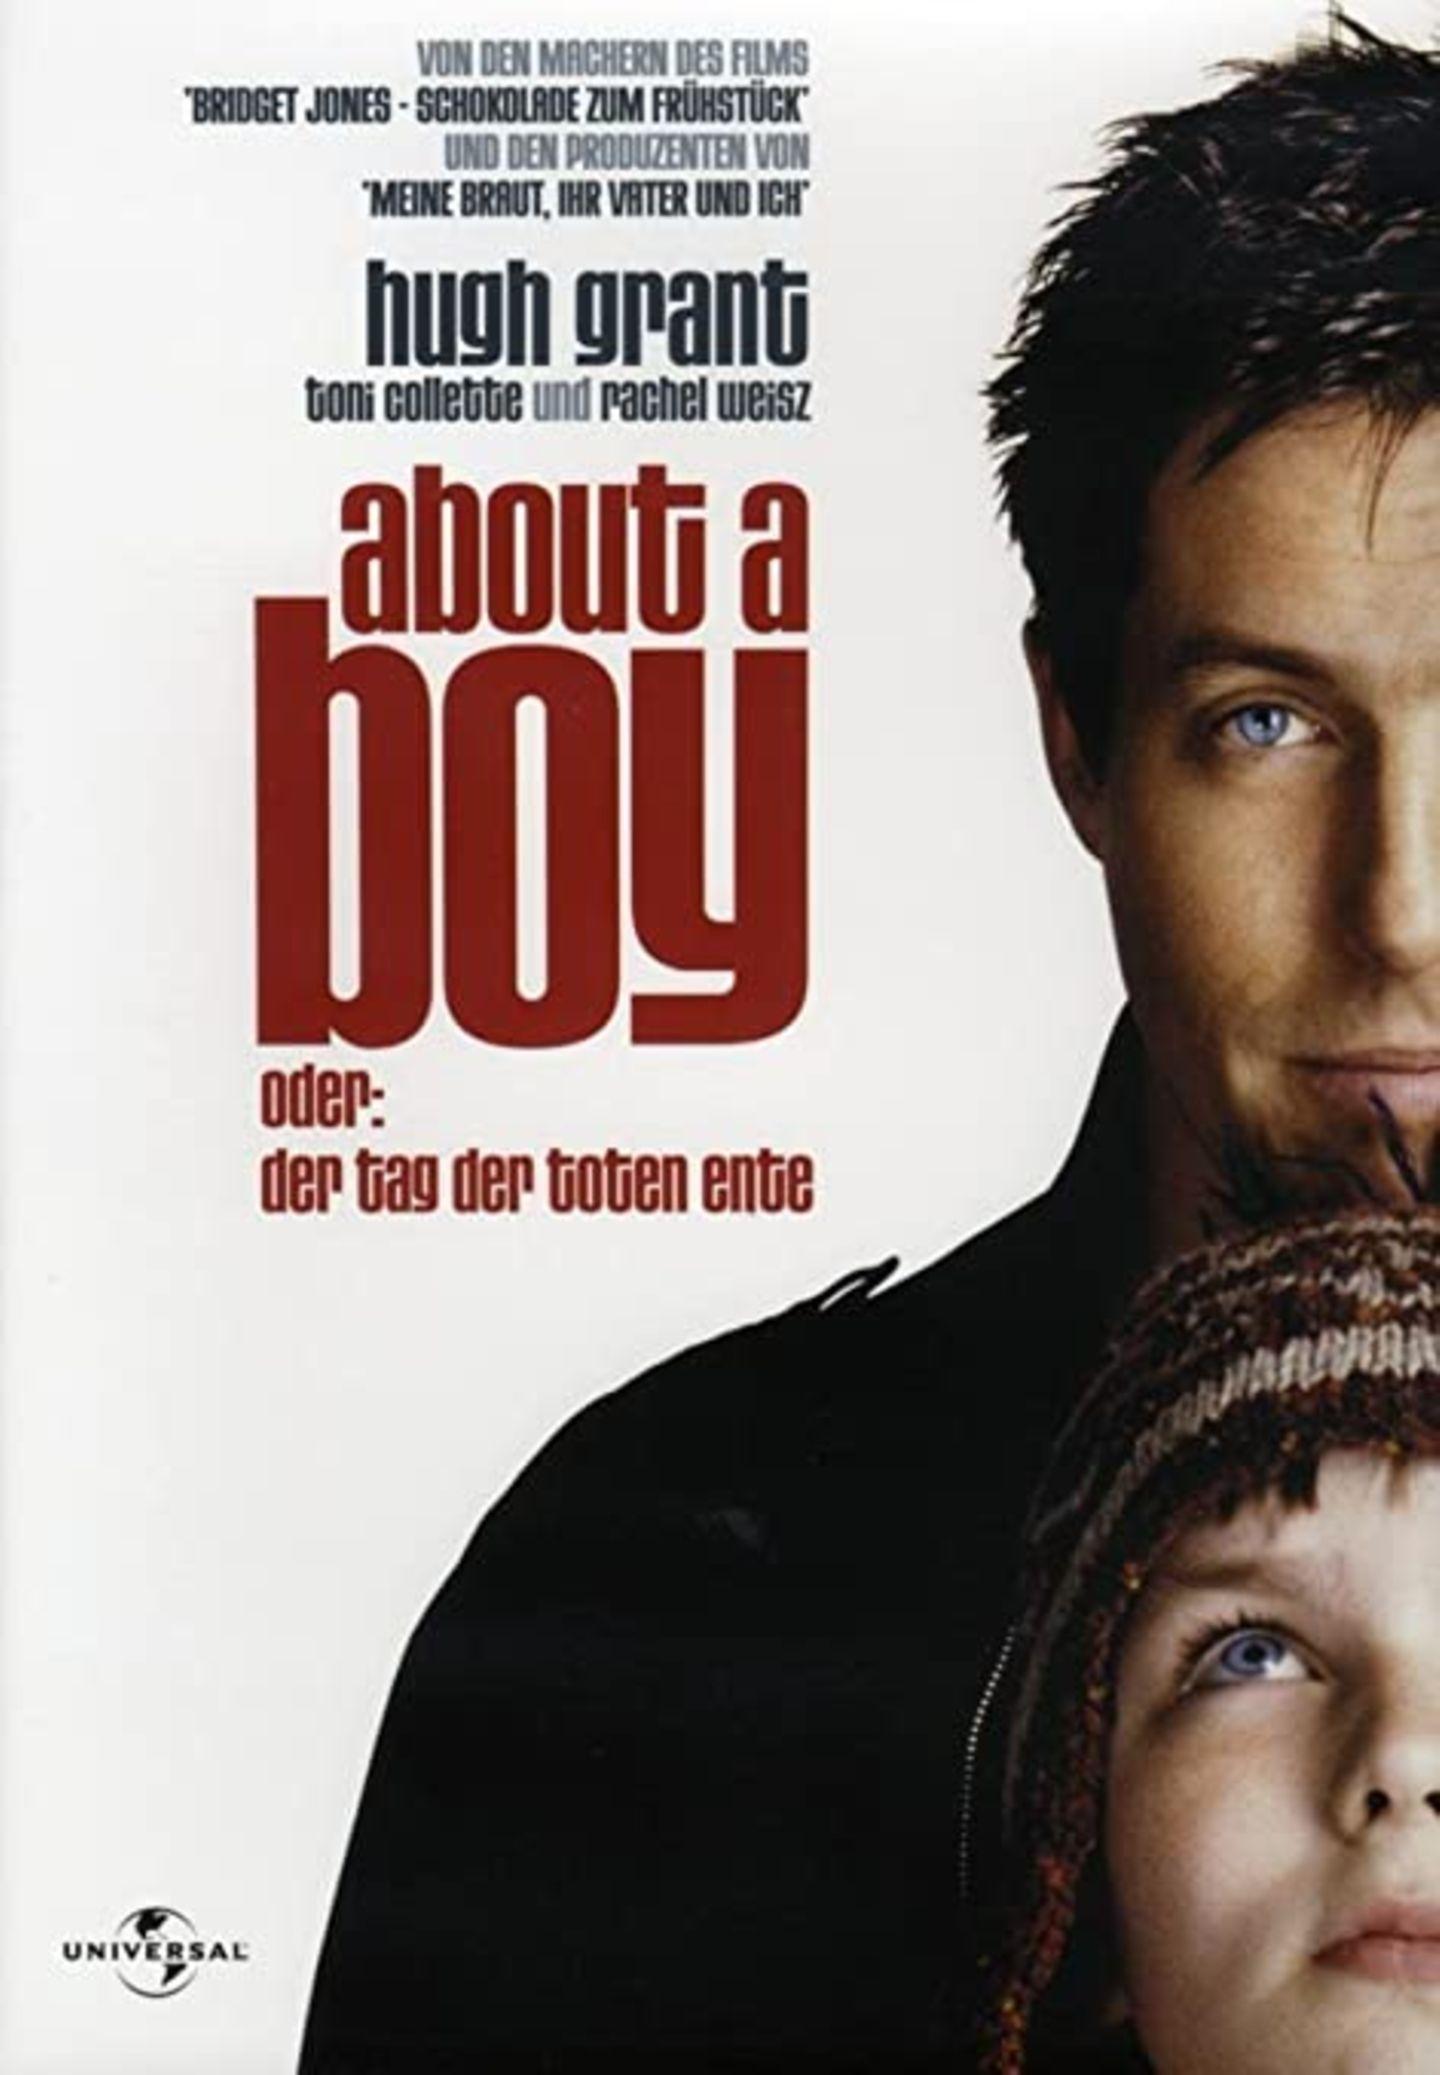 Filmtipps: About a boy